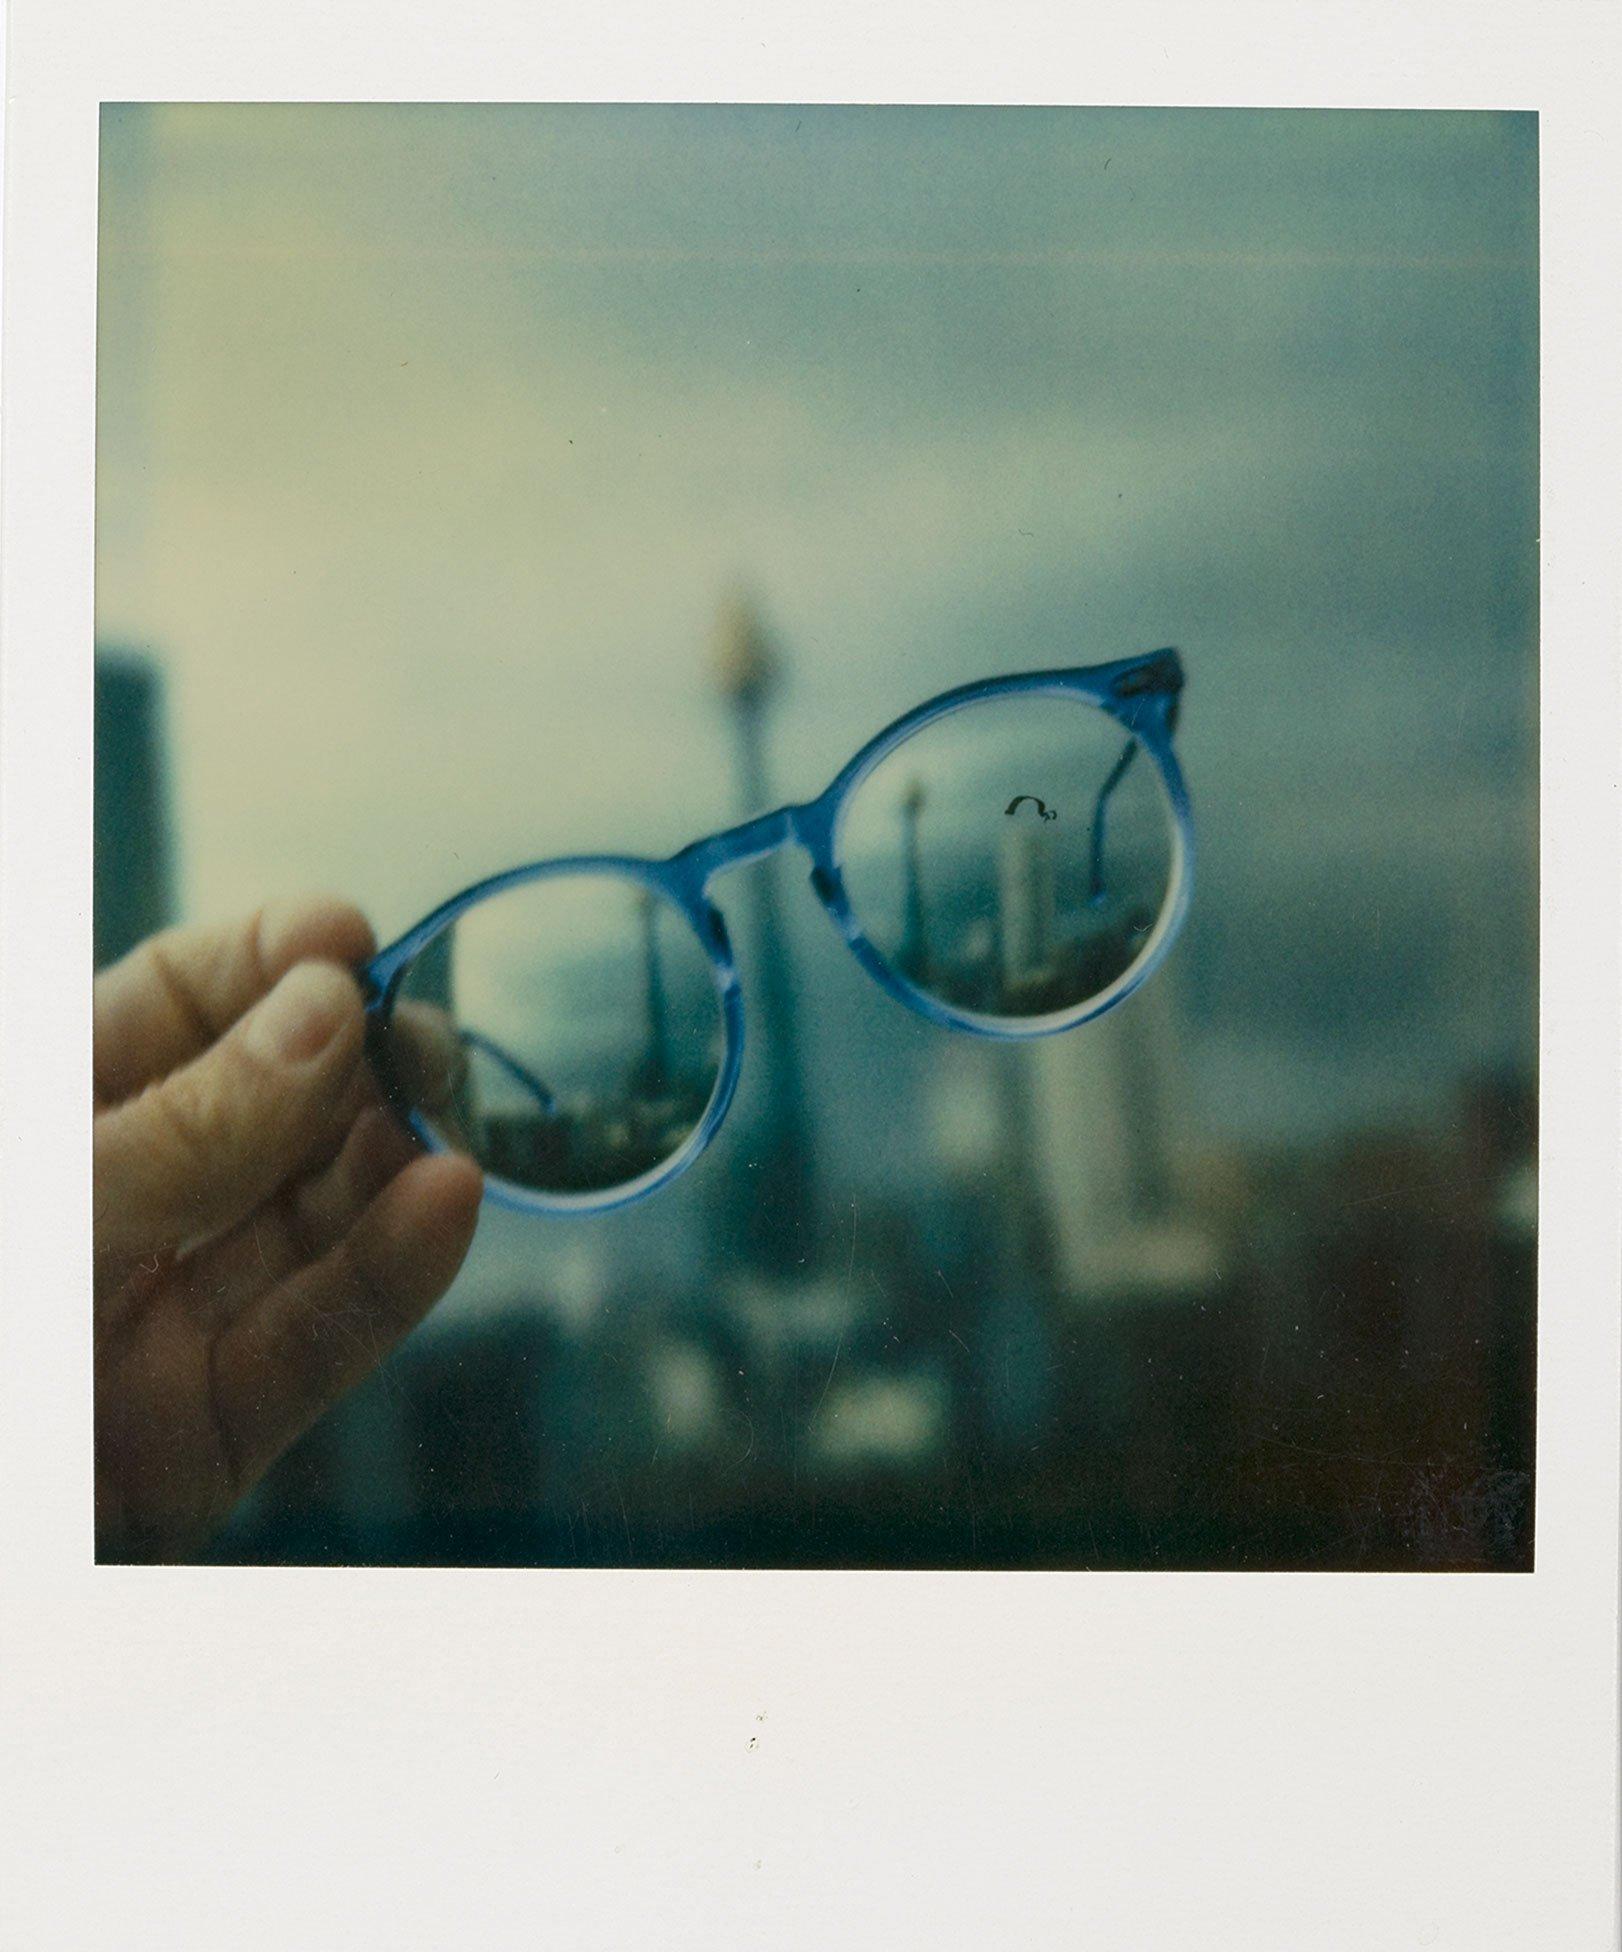 Polaroid, piccolo (e immediato) è bello